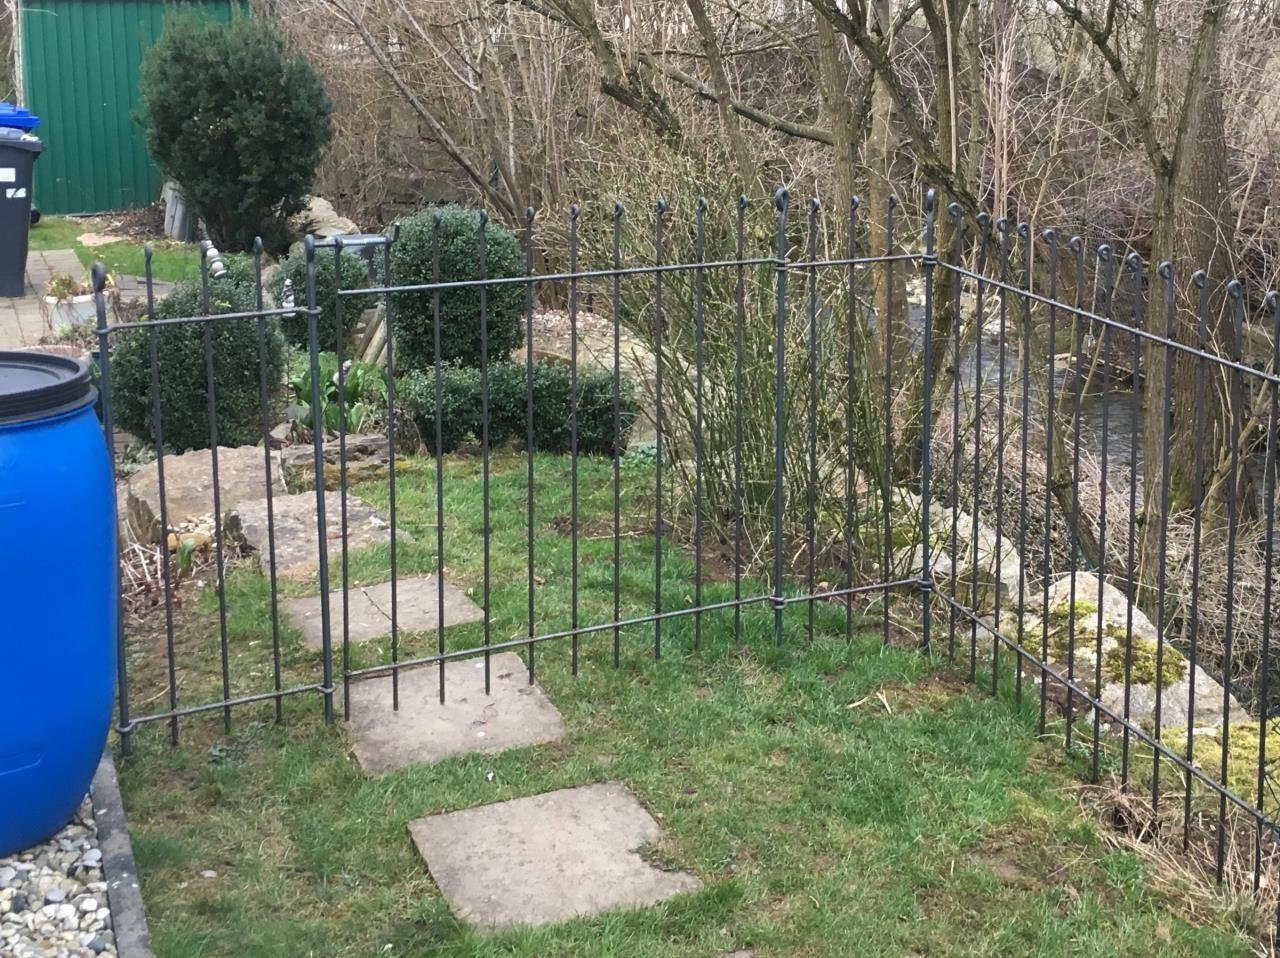 Steckzaun Aus Metall Fur Hunde Im Garten Aufgebaut Mit Einer Tur